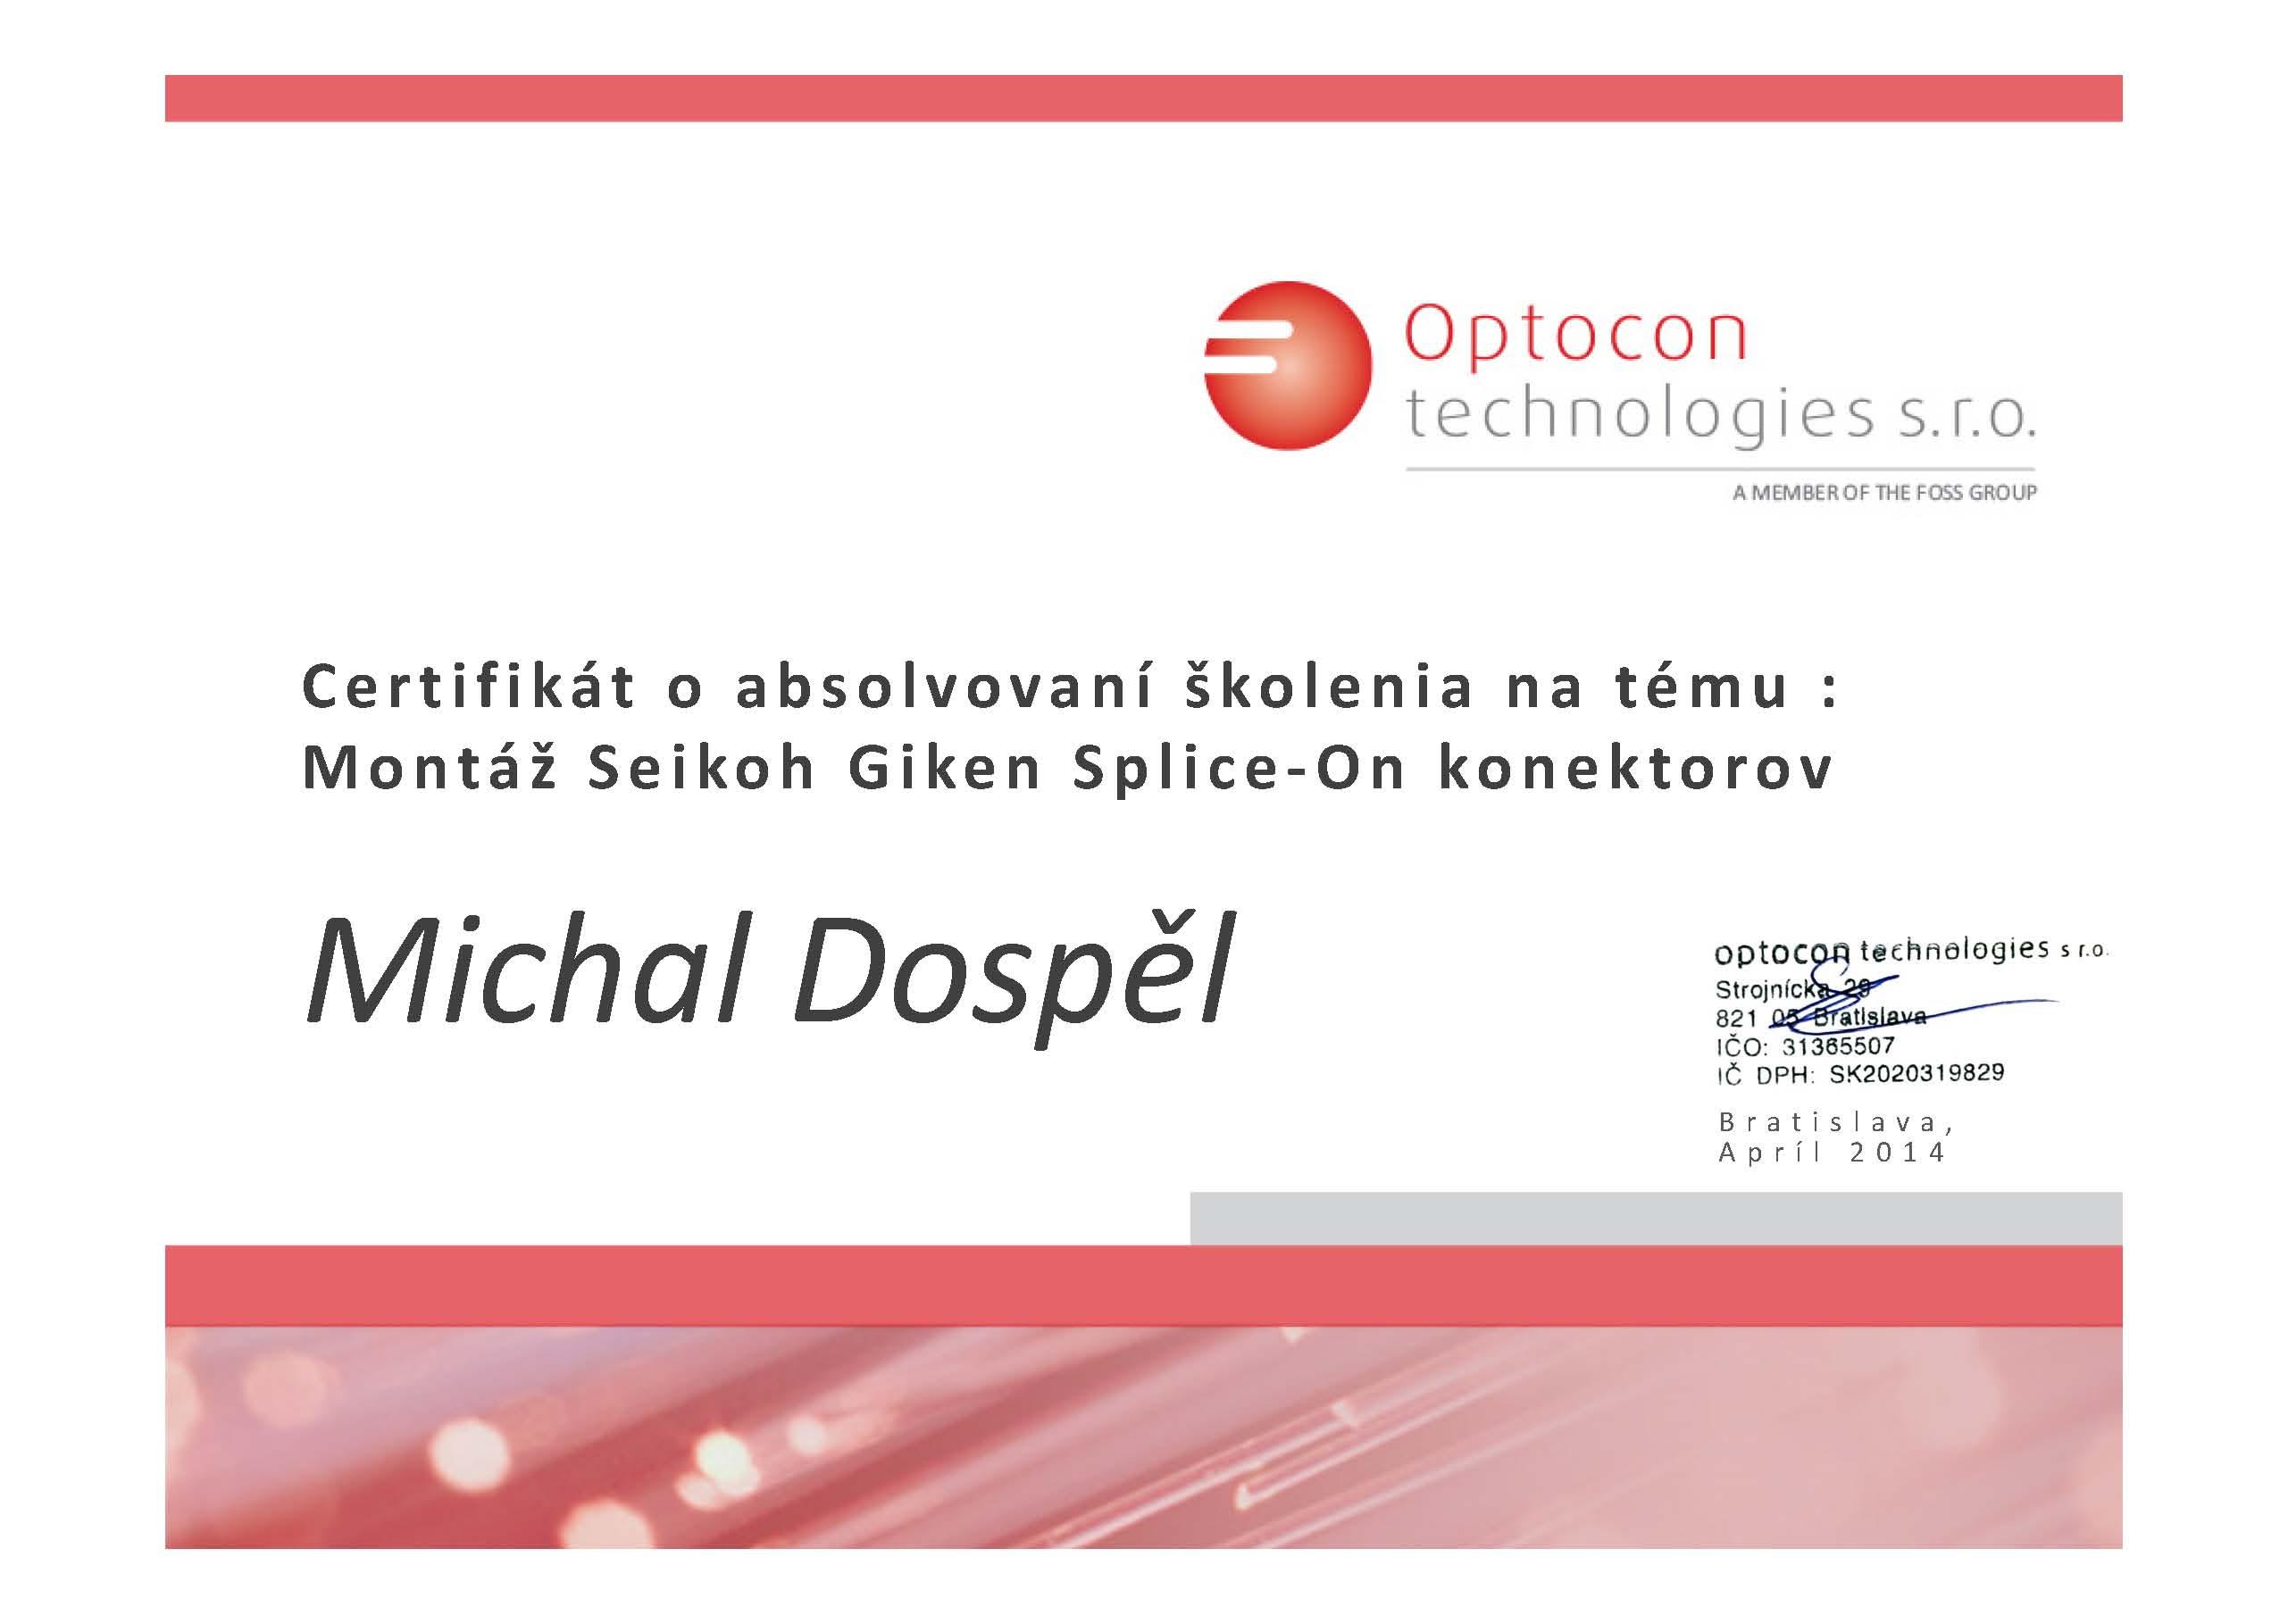 Certifikat Optocon technologies optika Michal Dospel